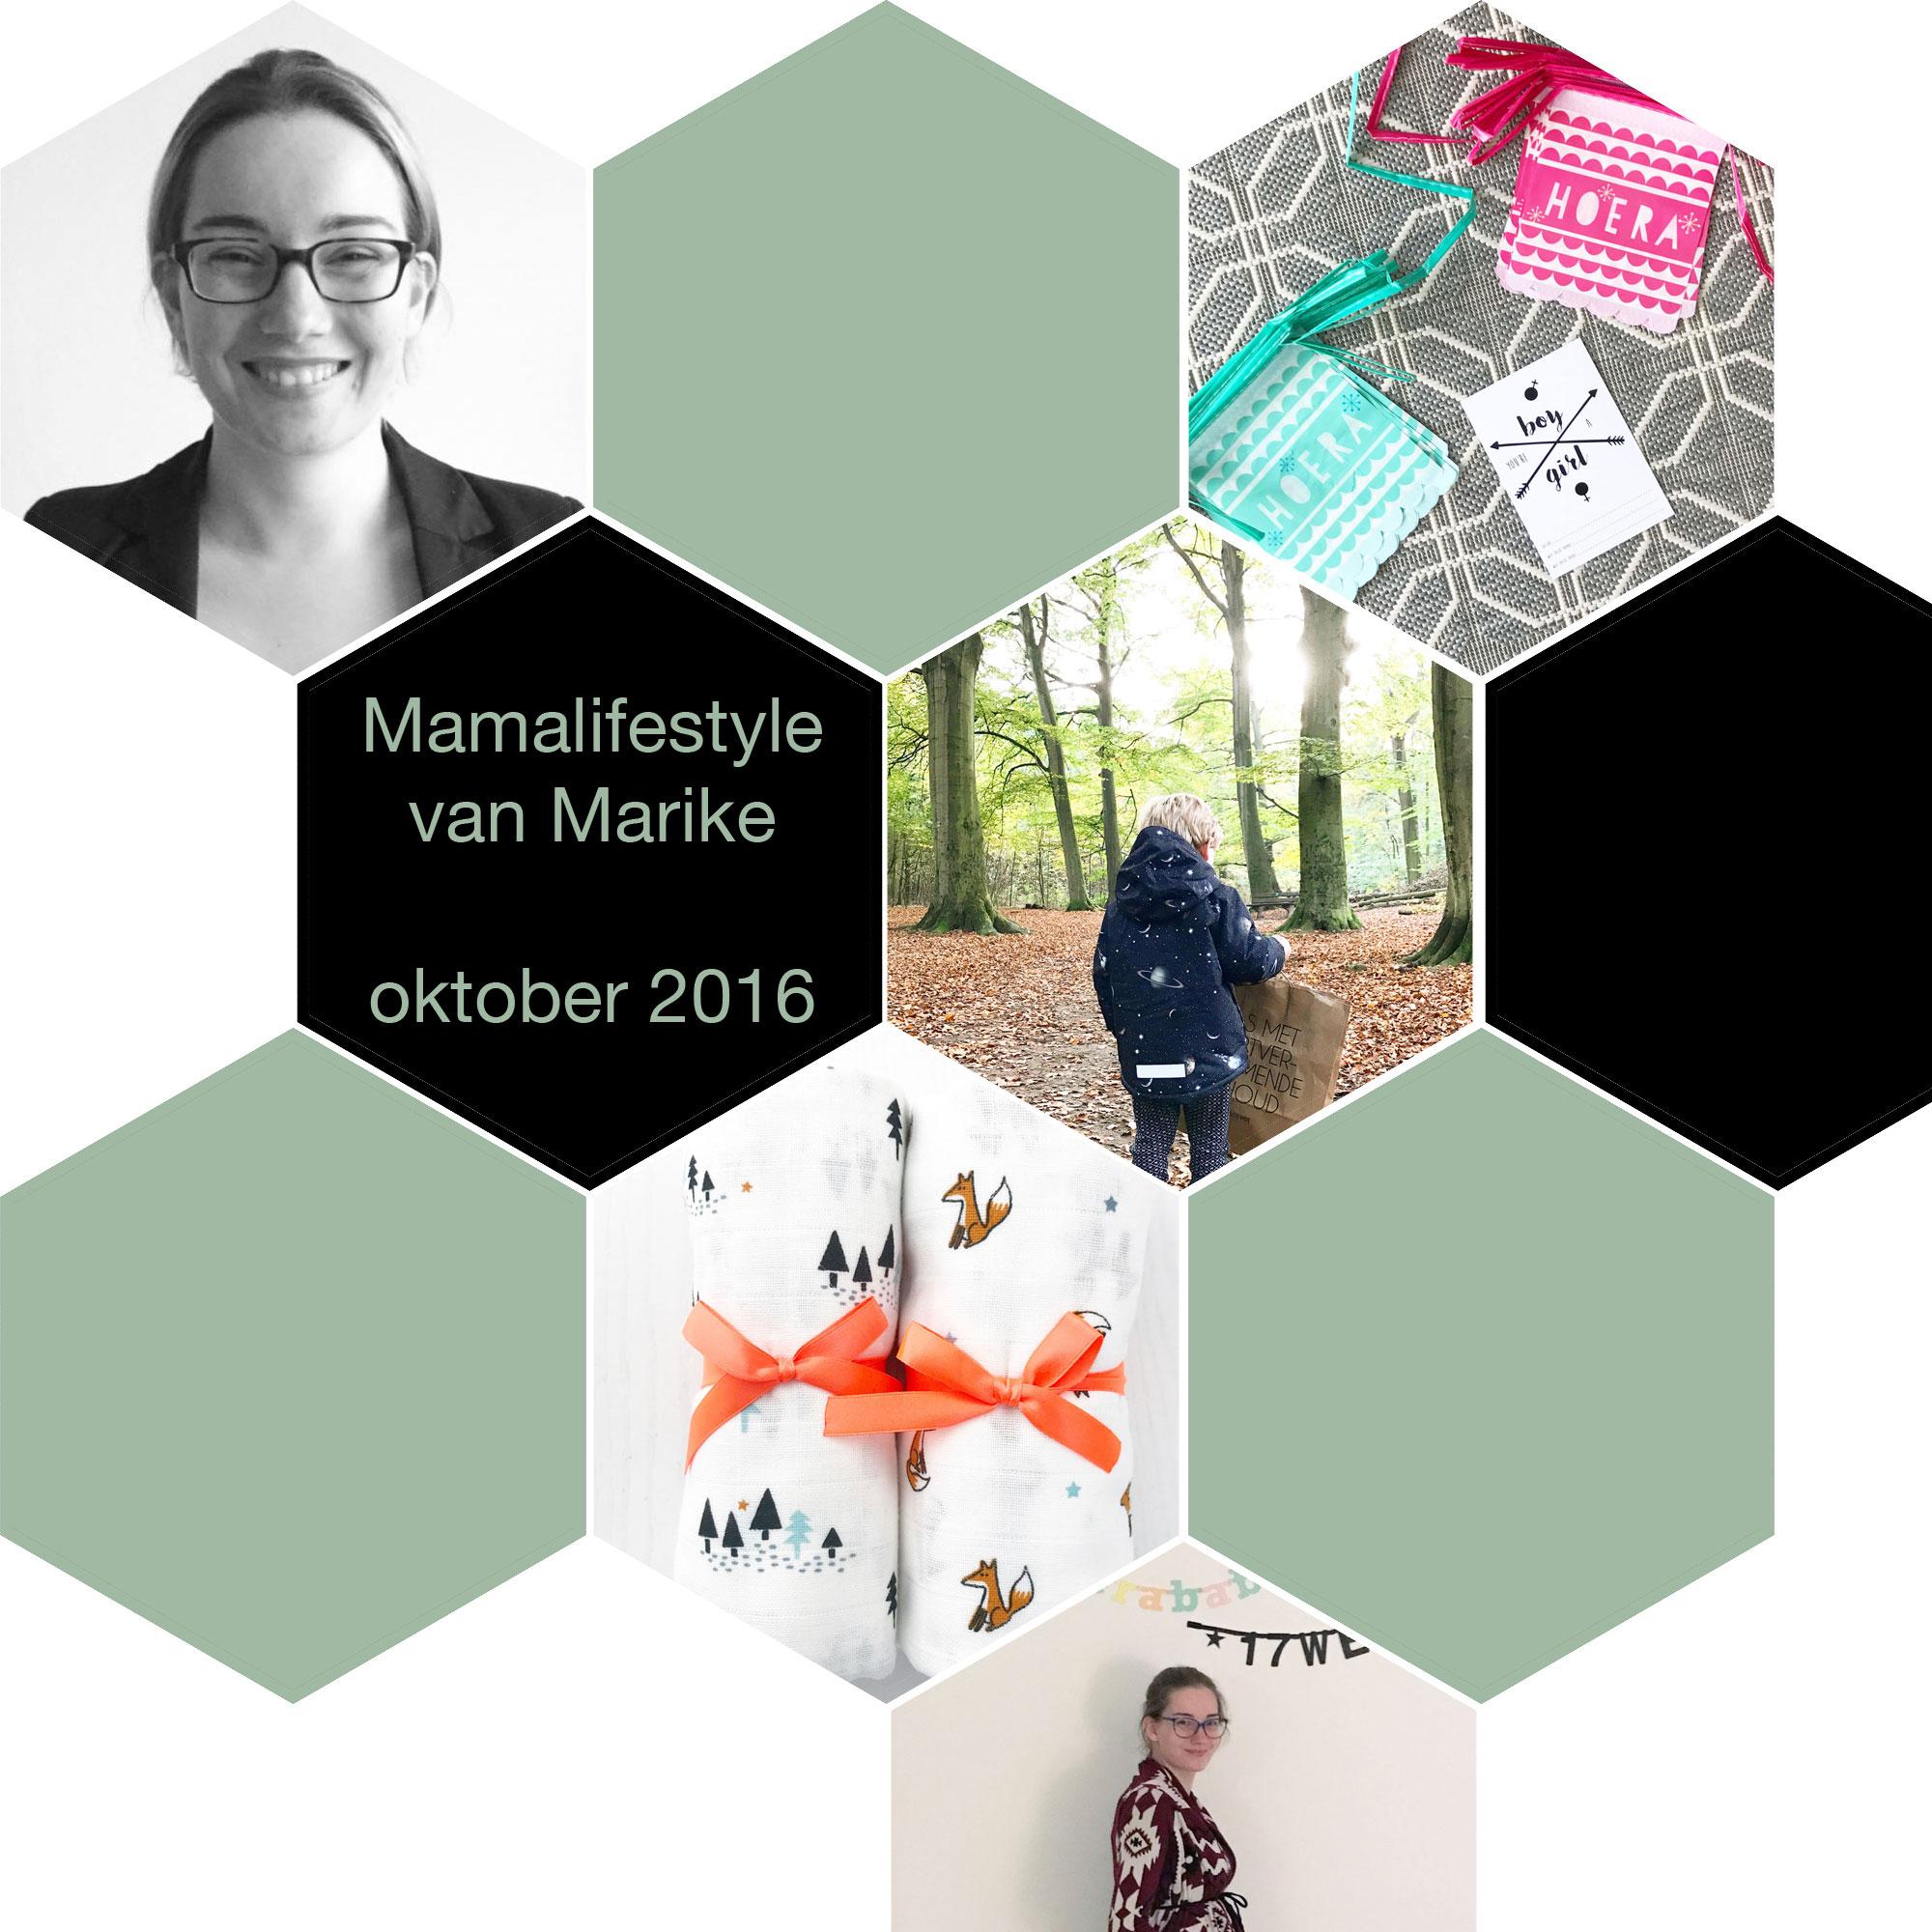 mamalifestyle maandoverzicht oktober 2016-uitgelicht